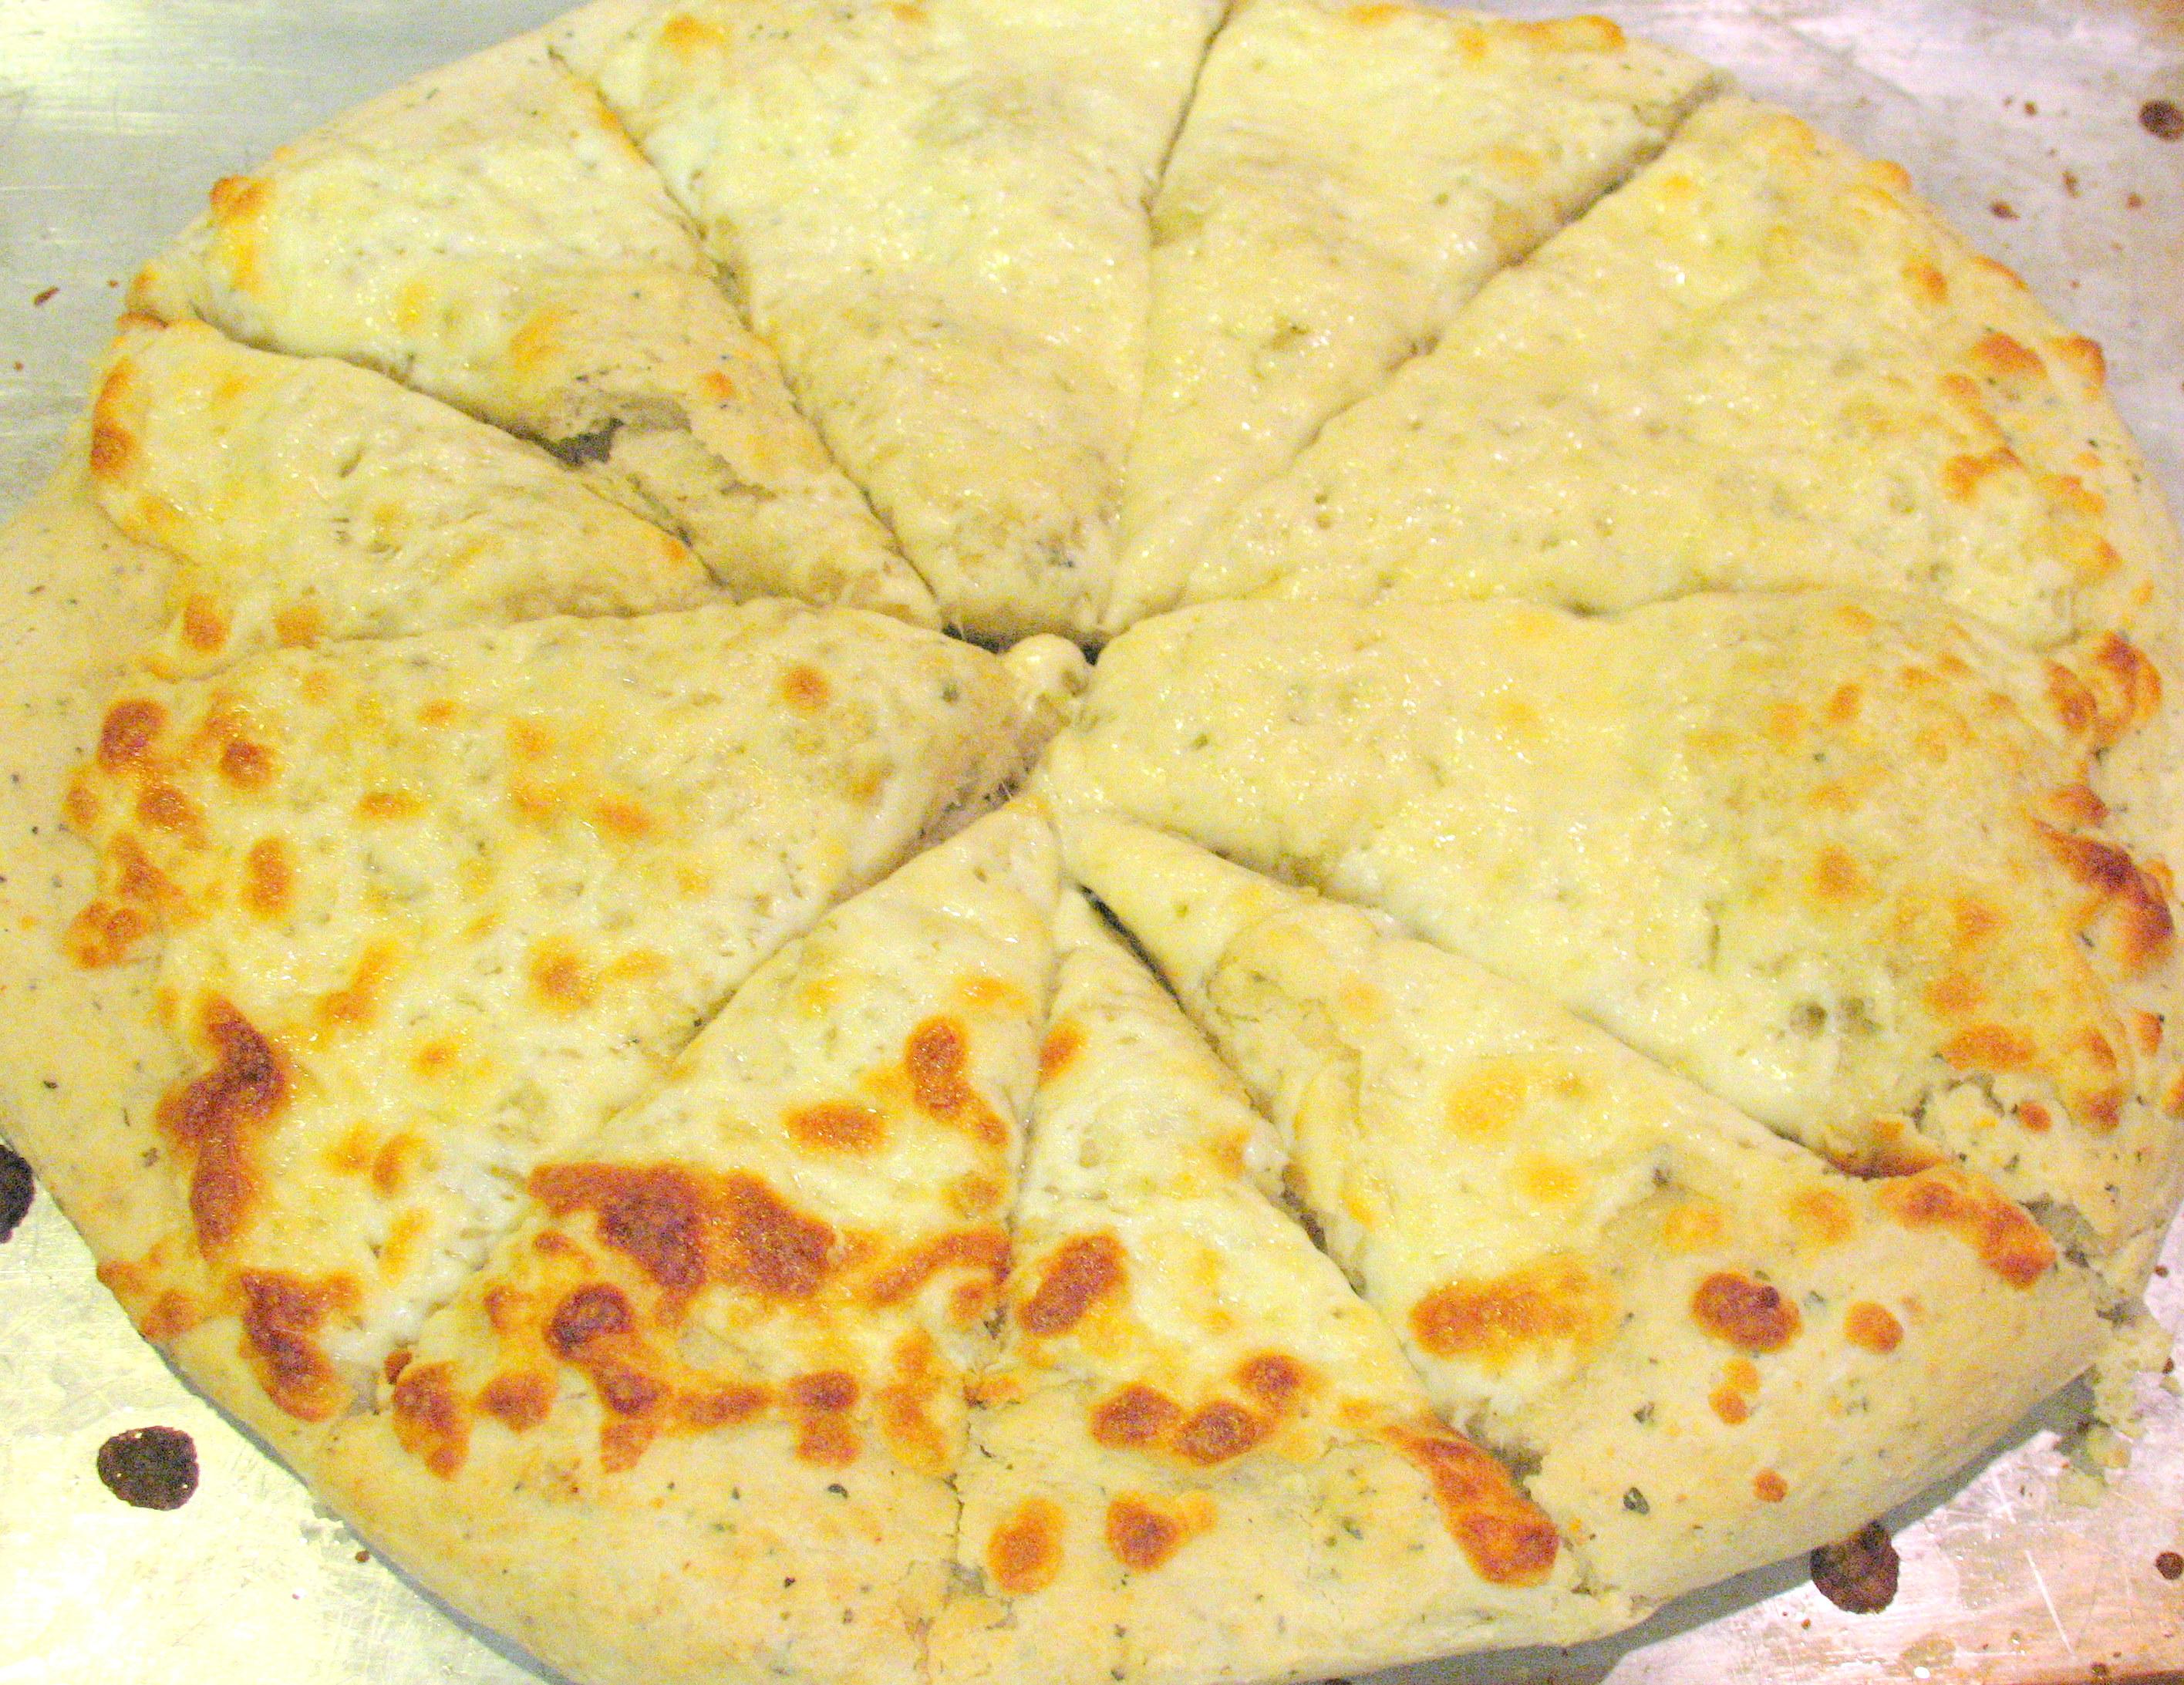 Cheesy Focaccia Bread | Tasty Kitchen: A Happy Recipe ...